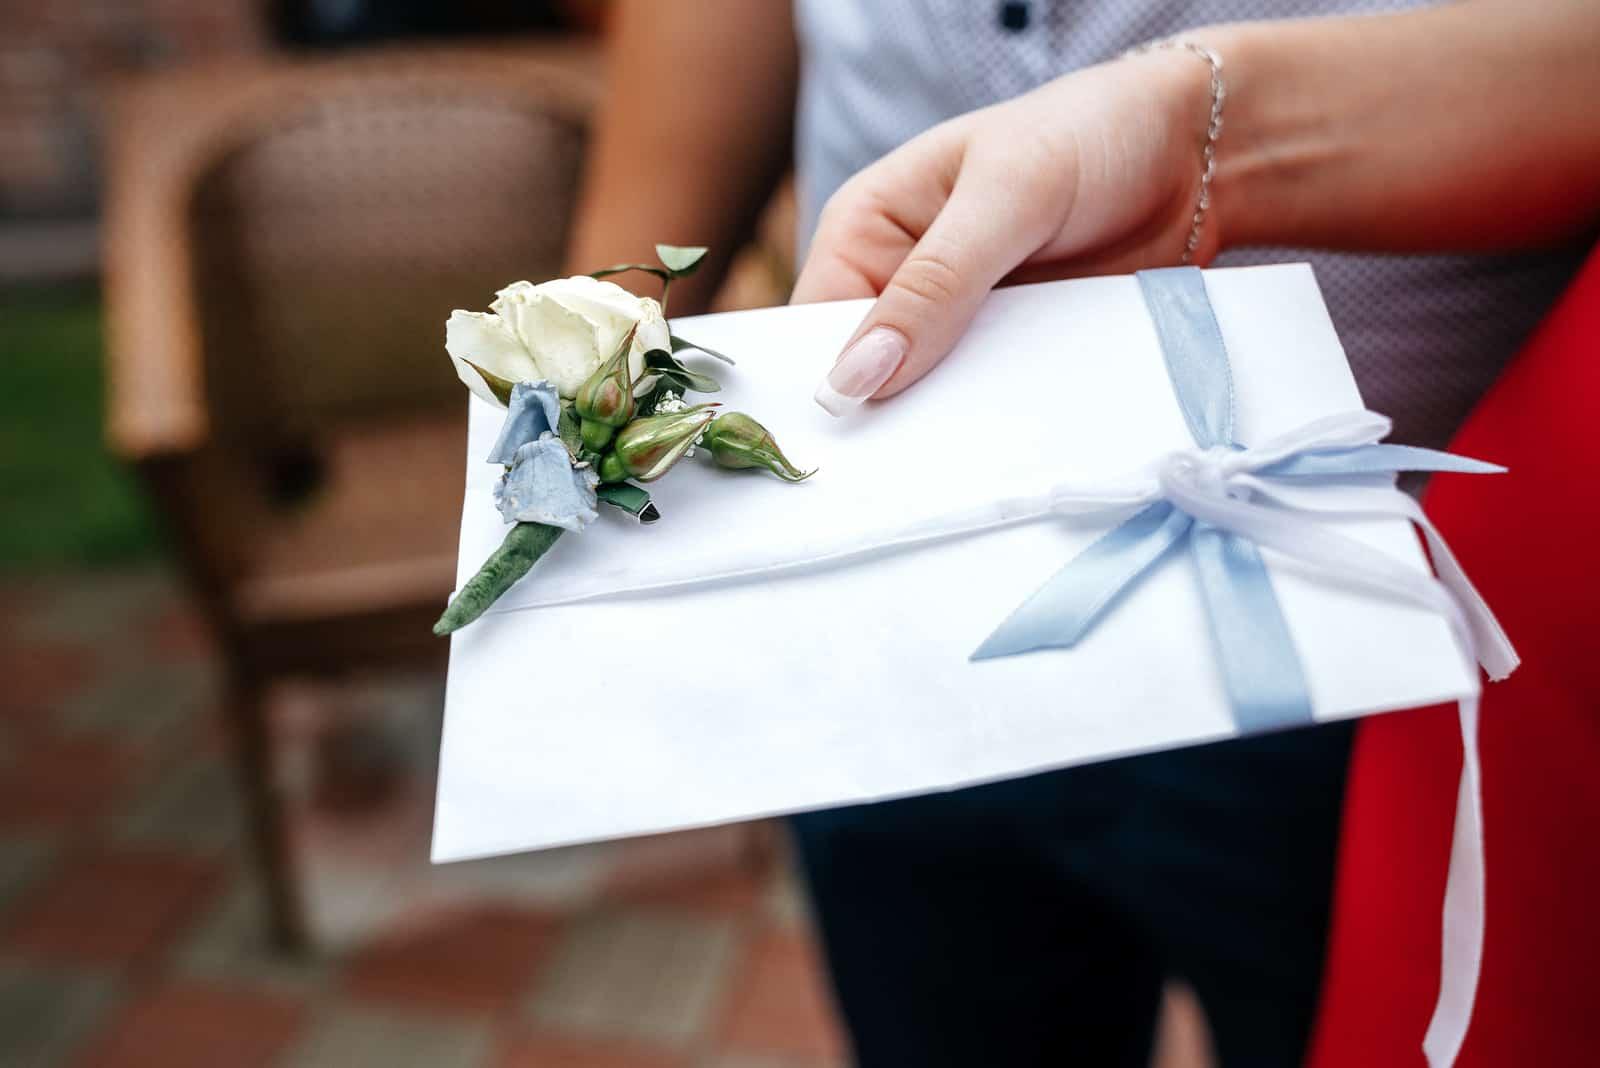 Weißer Hochzeitsumschlag mit einem Boutonniere in der Hand einer Frau